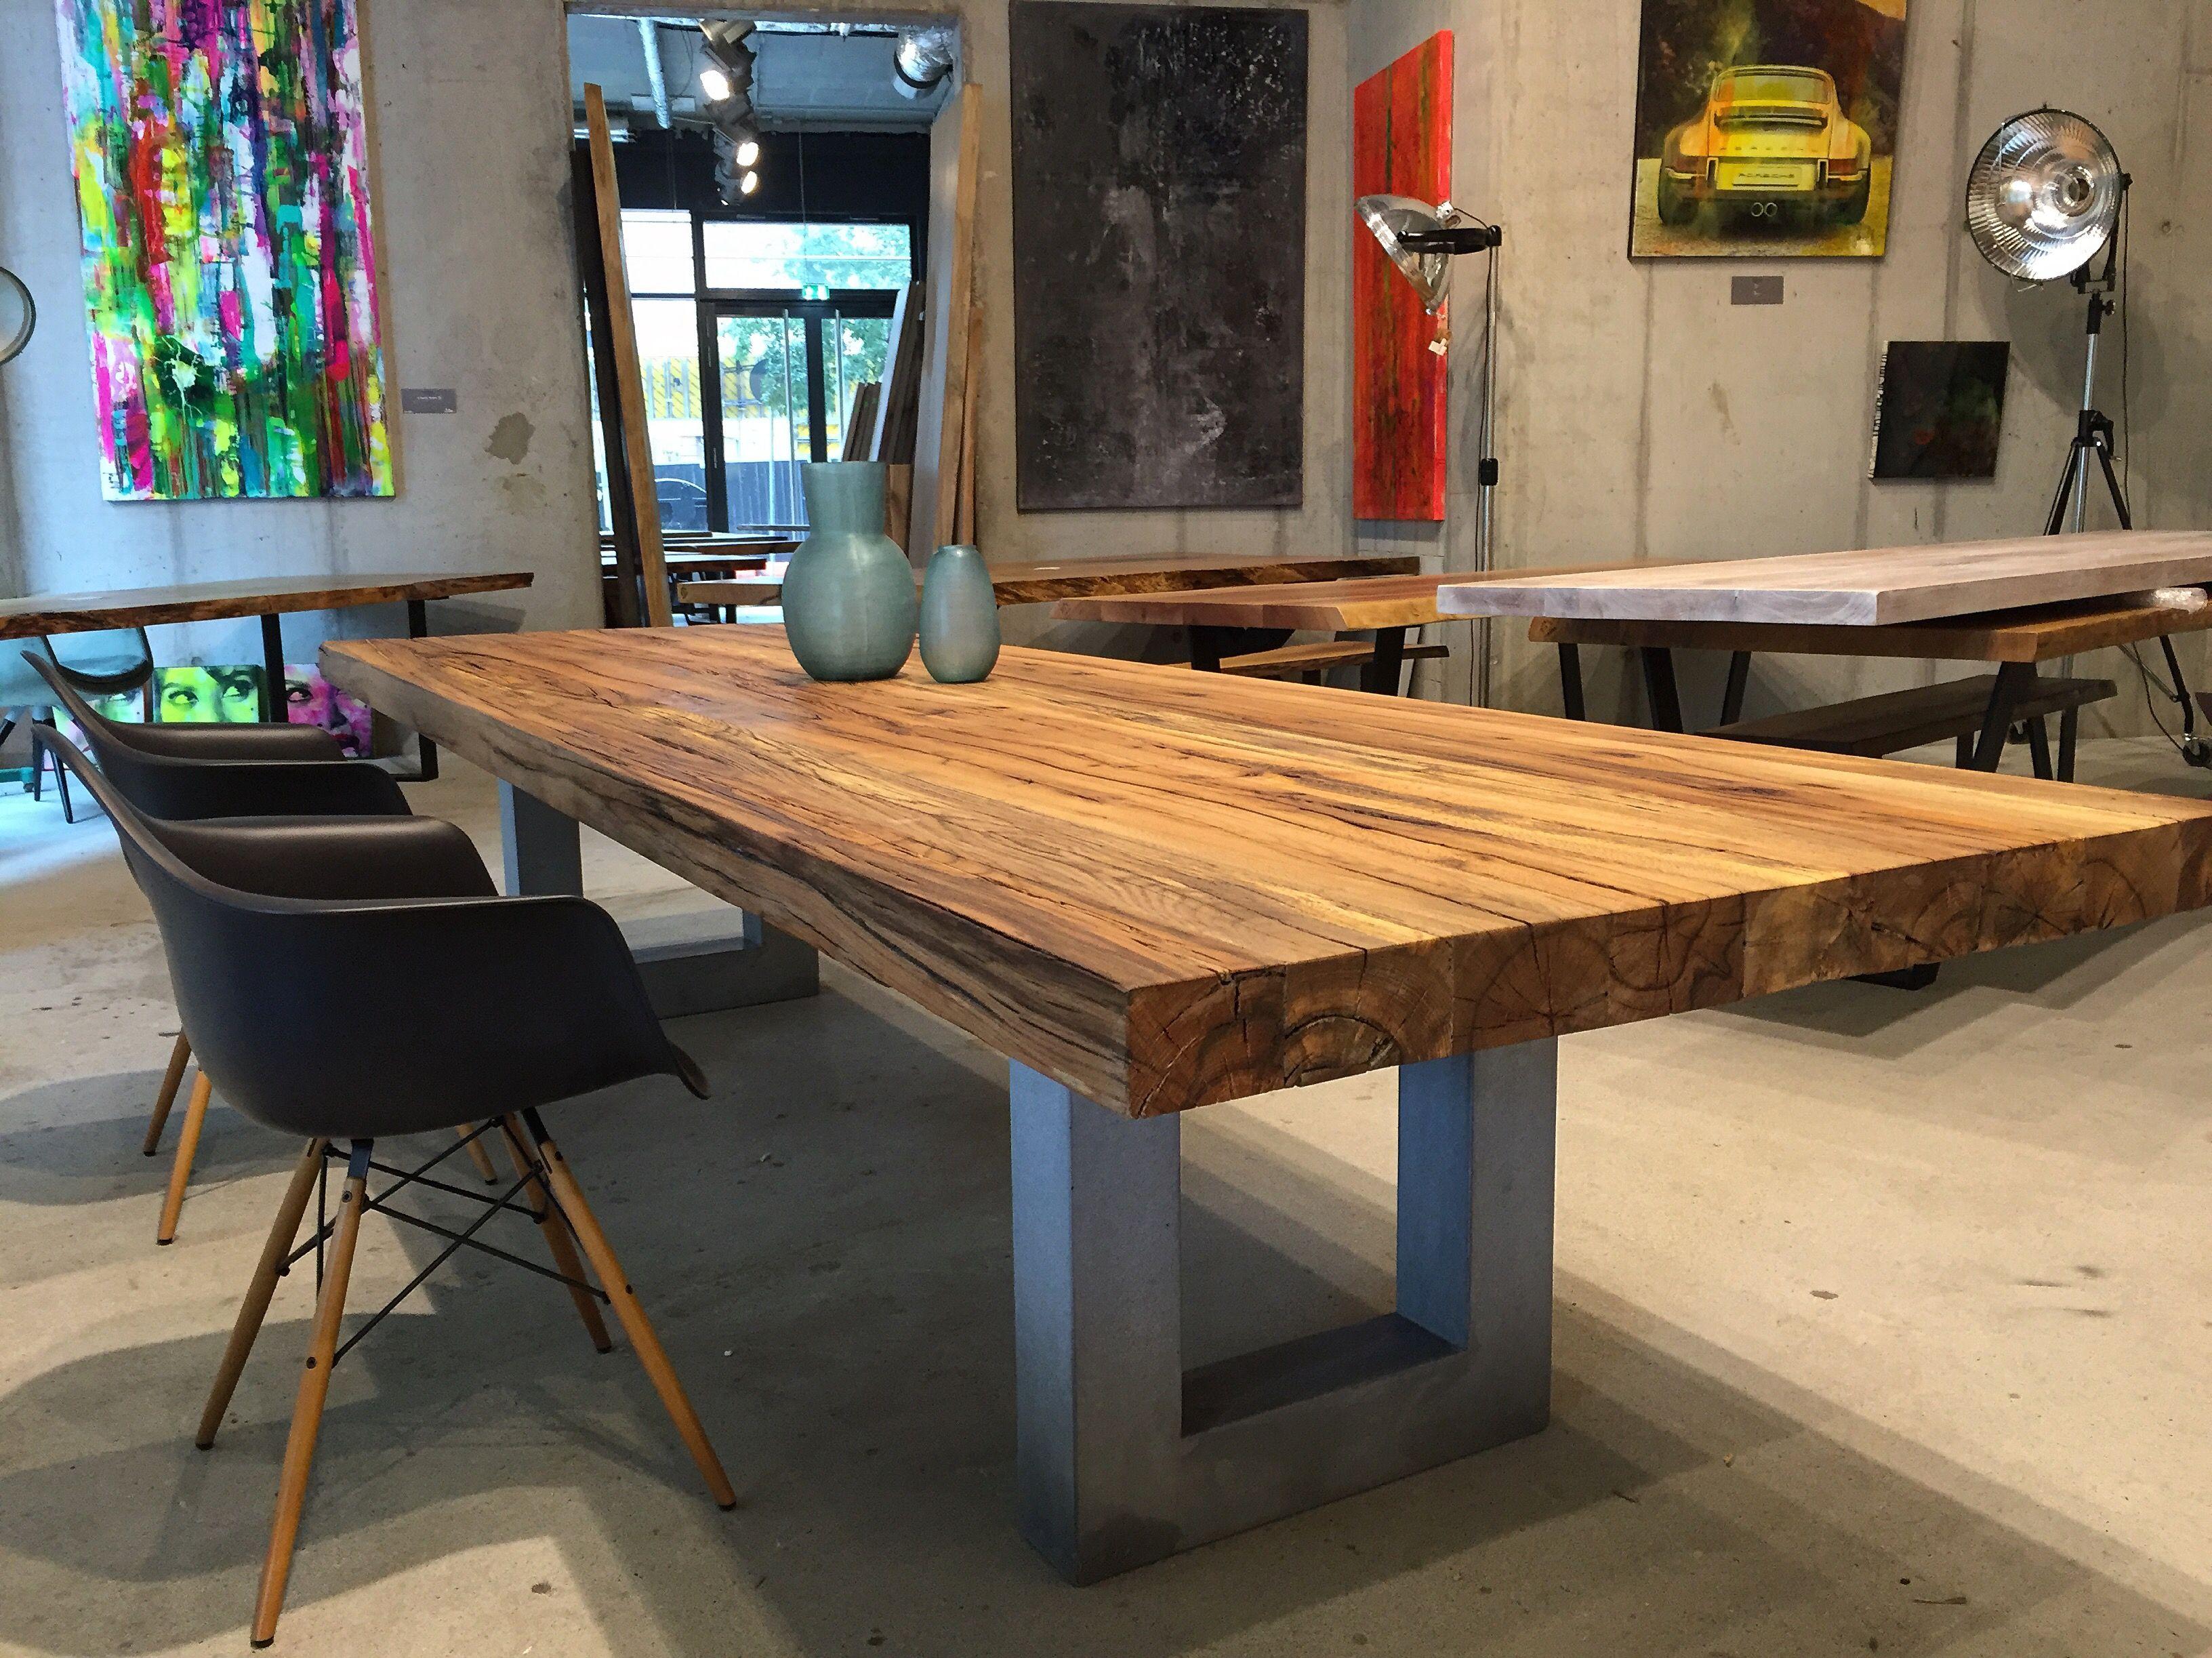 Tisch Esstisch Massivholztisch Table Dinningtable www